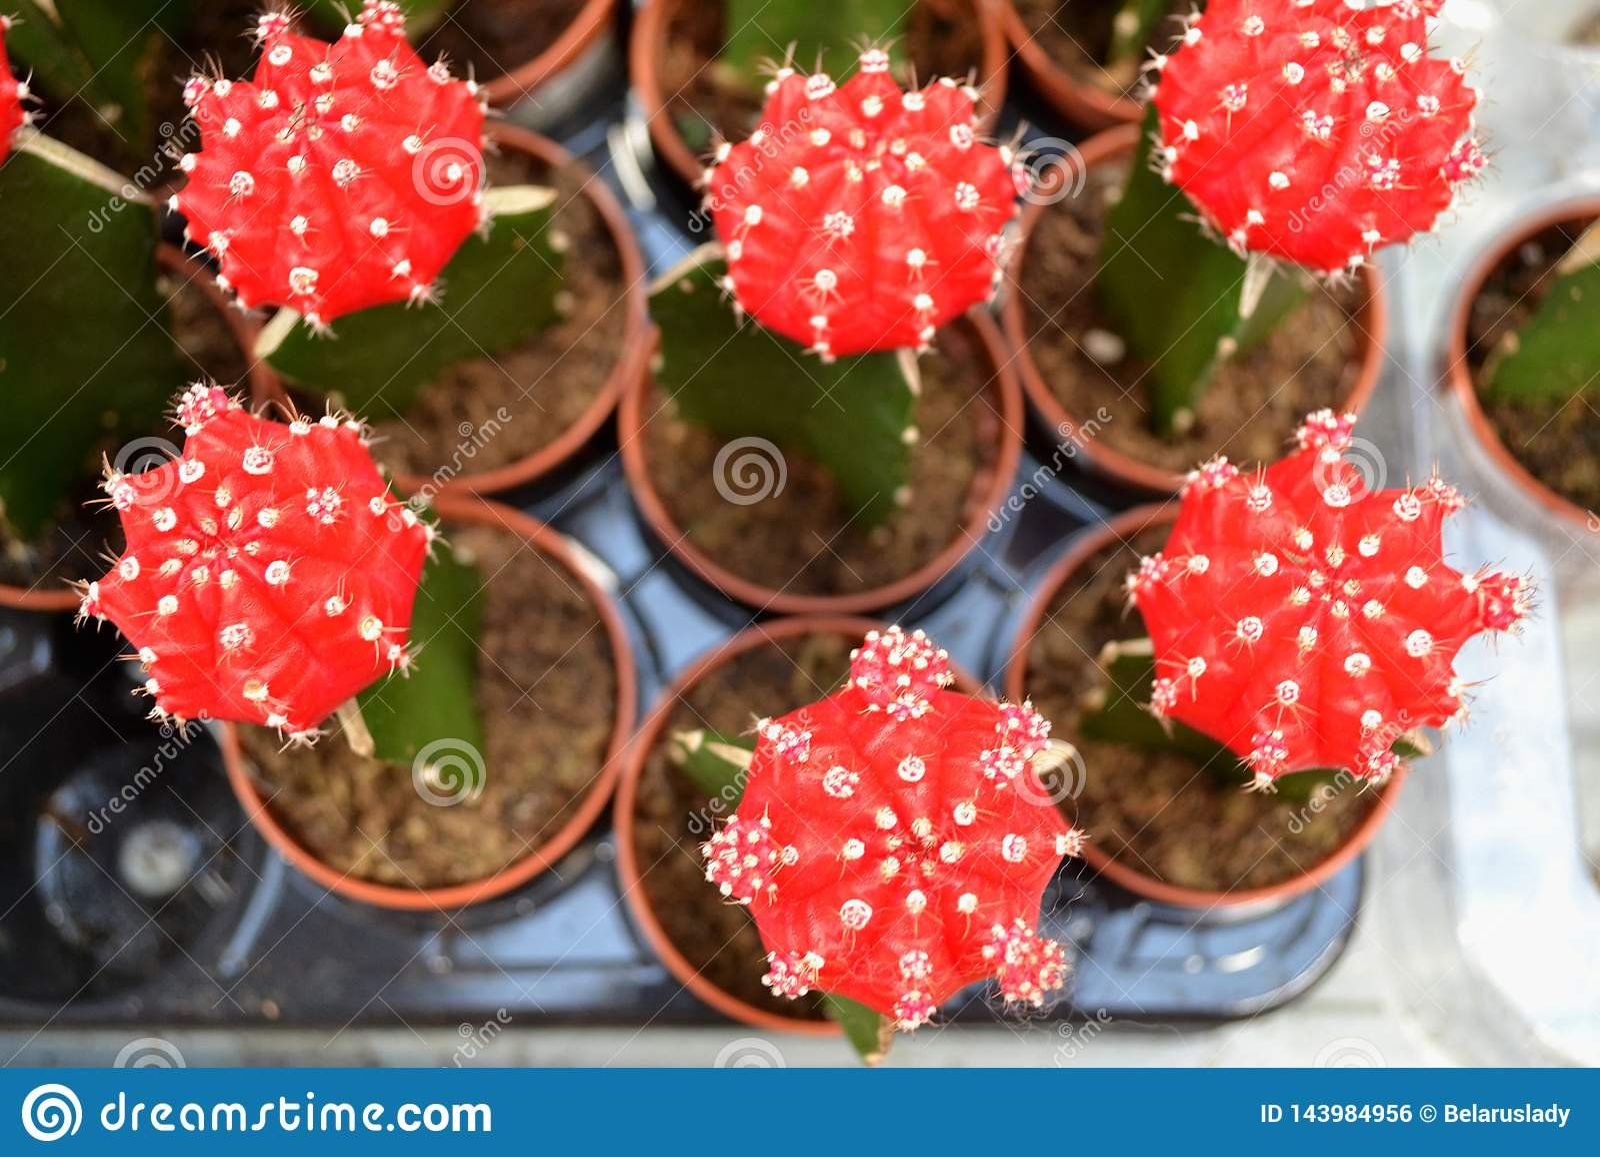 Minimal plant art. Red cactus of Gymnocalycium